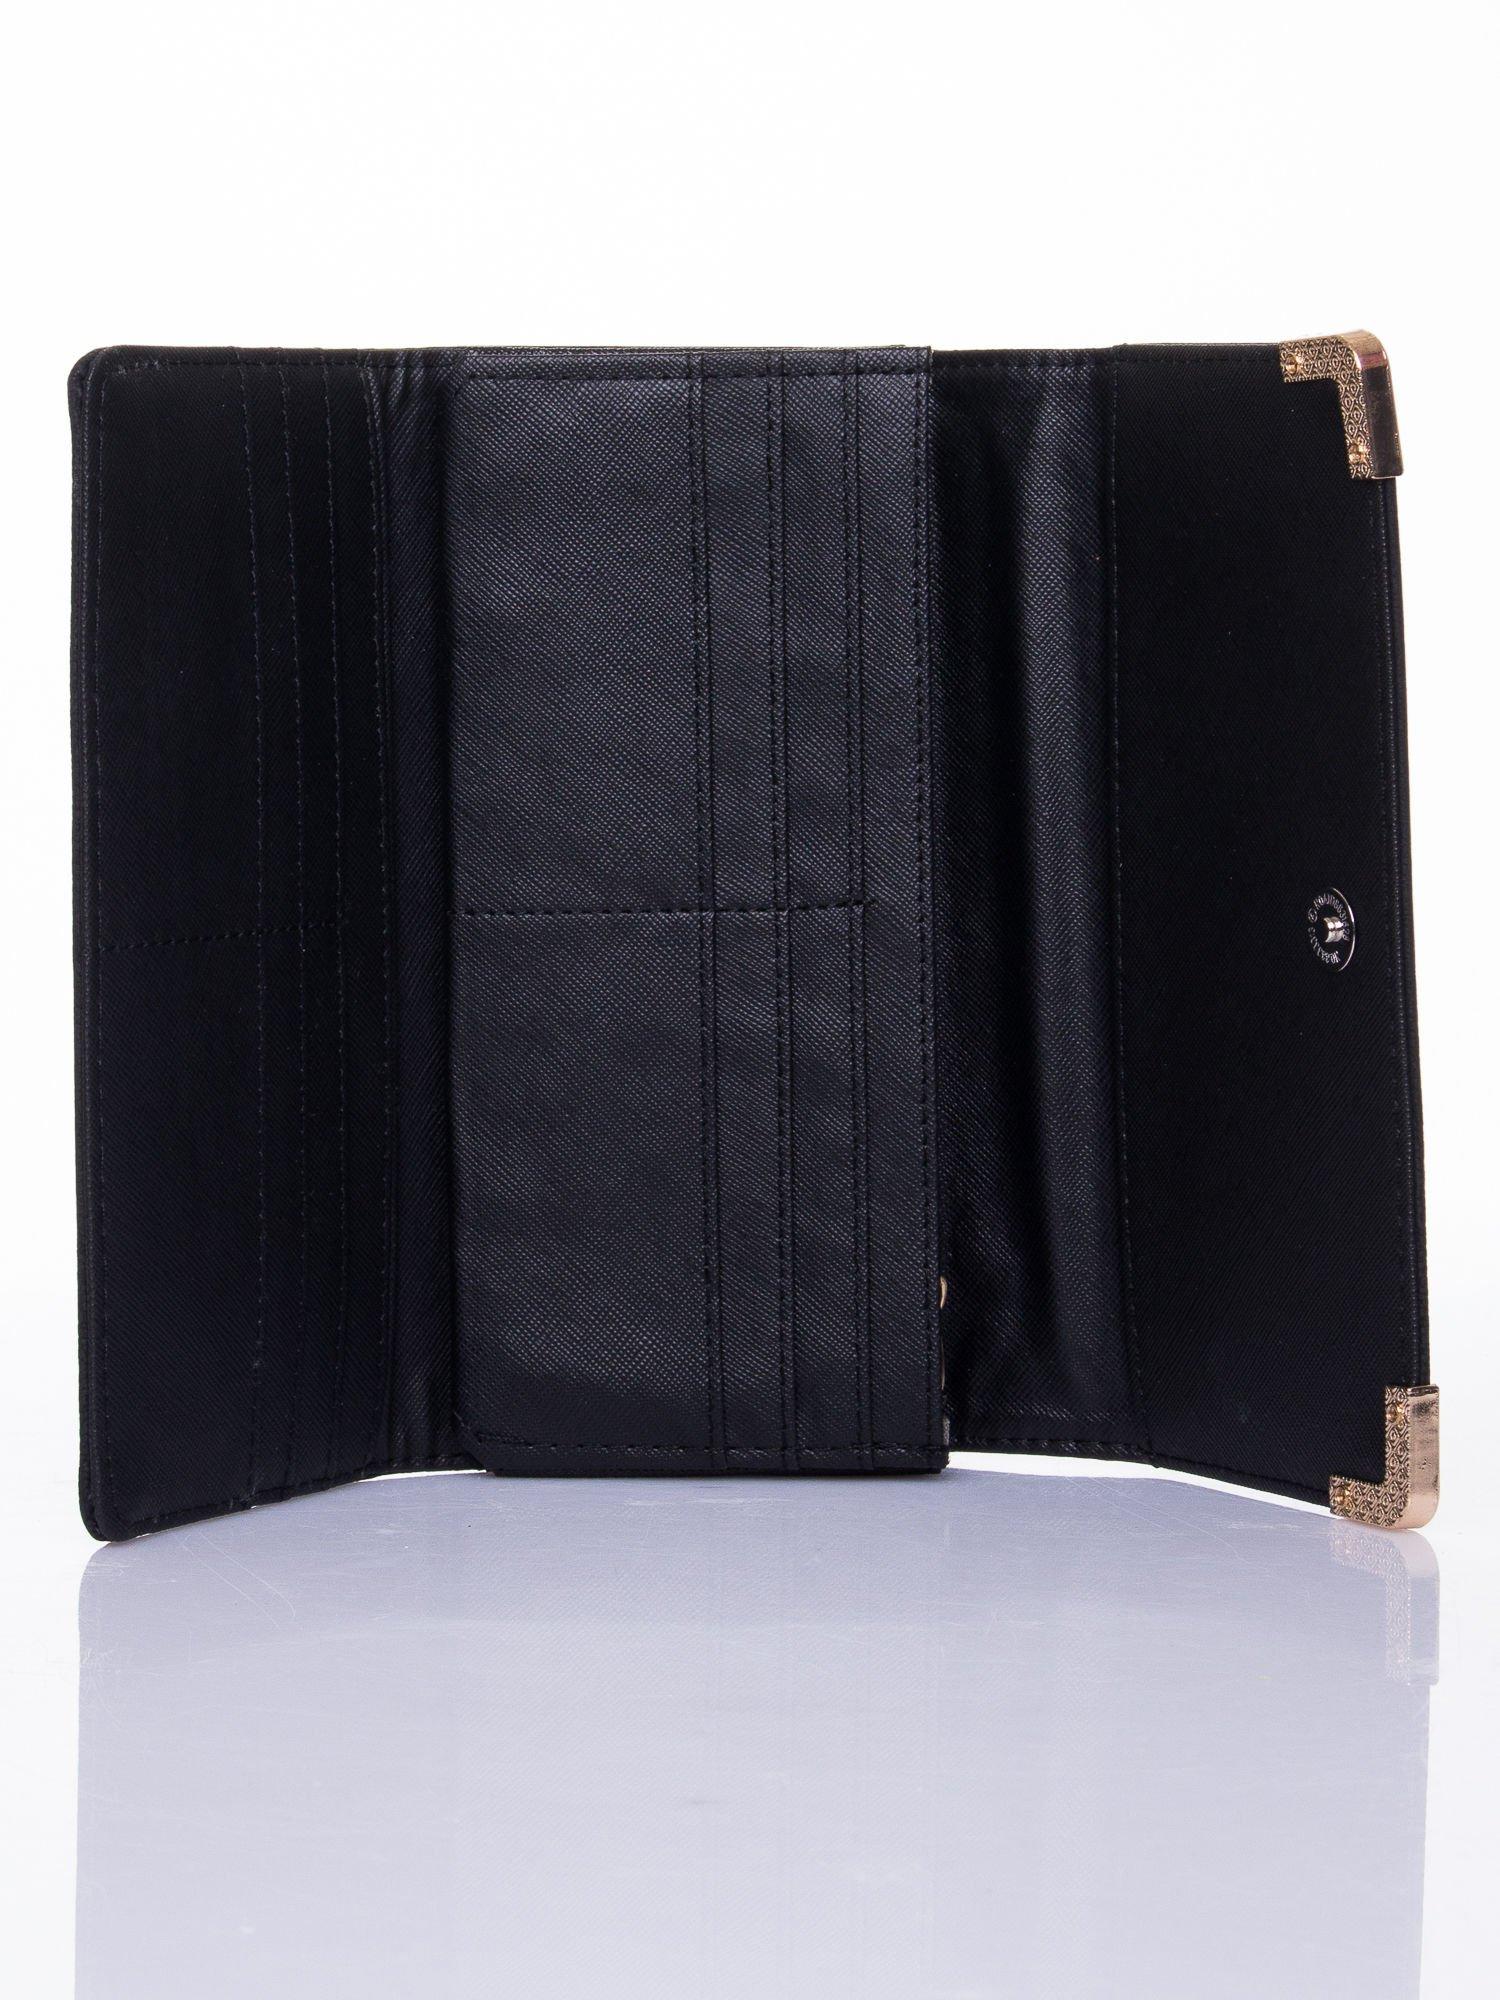 Czarny dziurkowany portfel ze złotym wykończeniem                                  zdj.                                  4